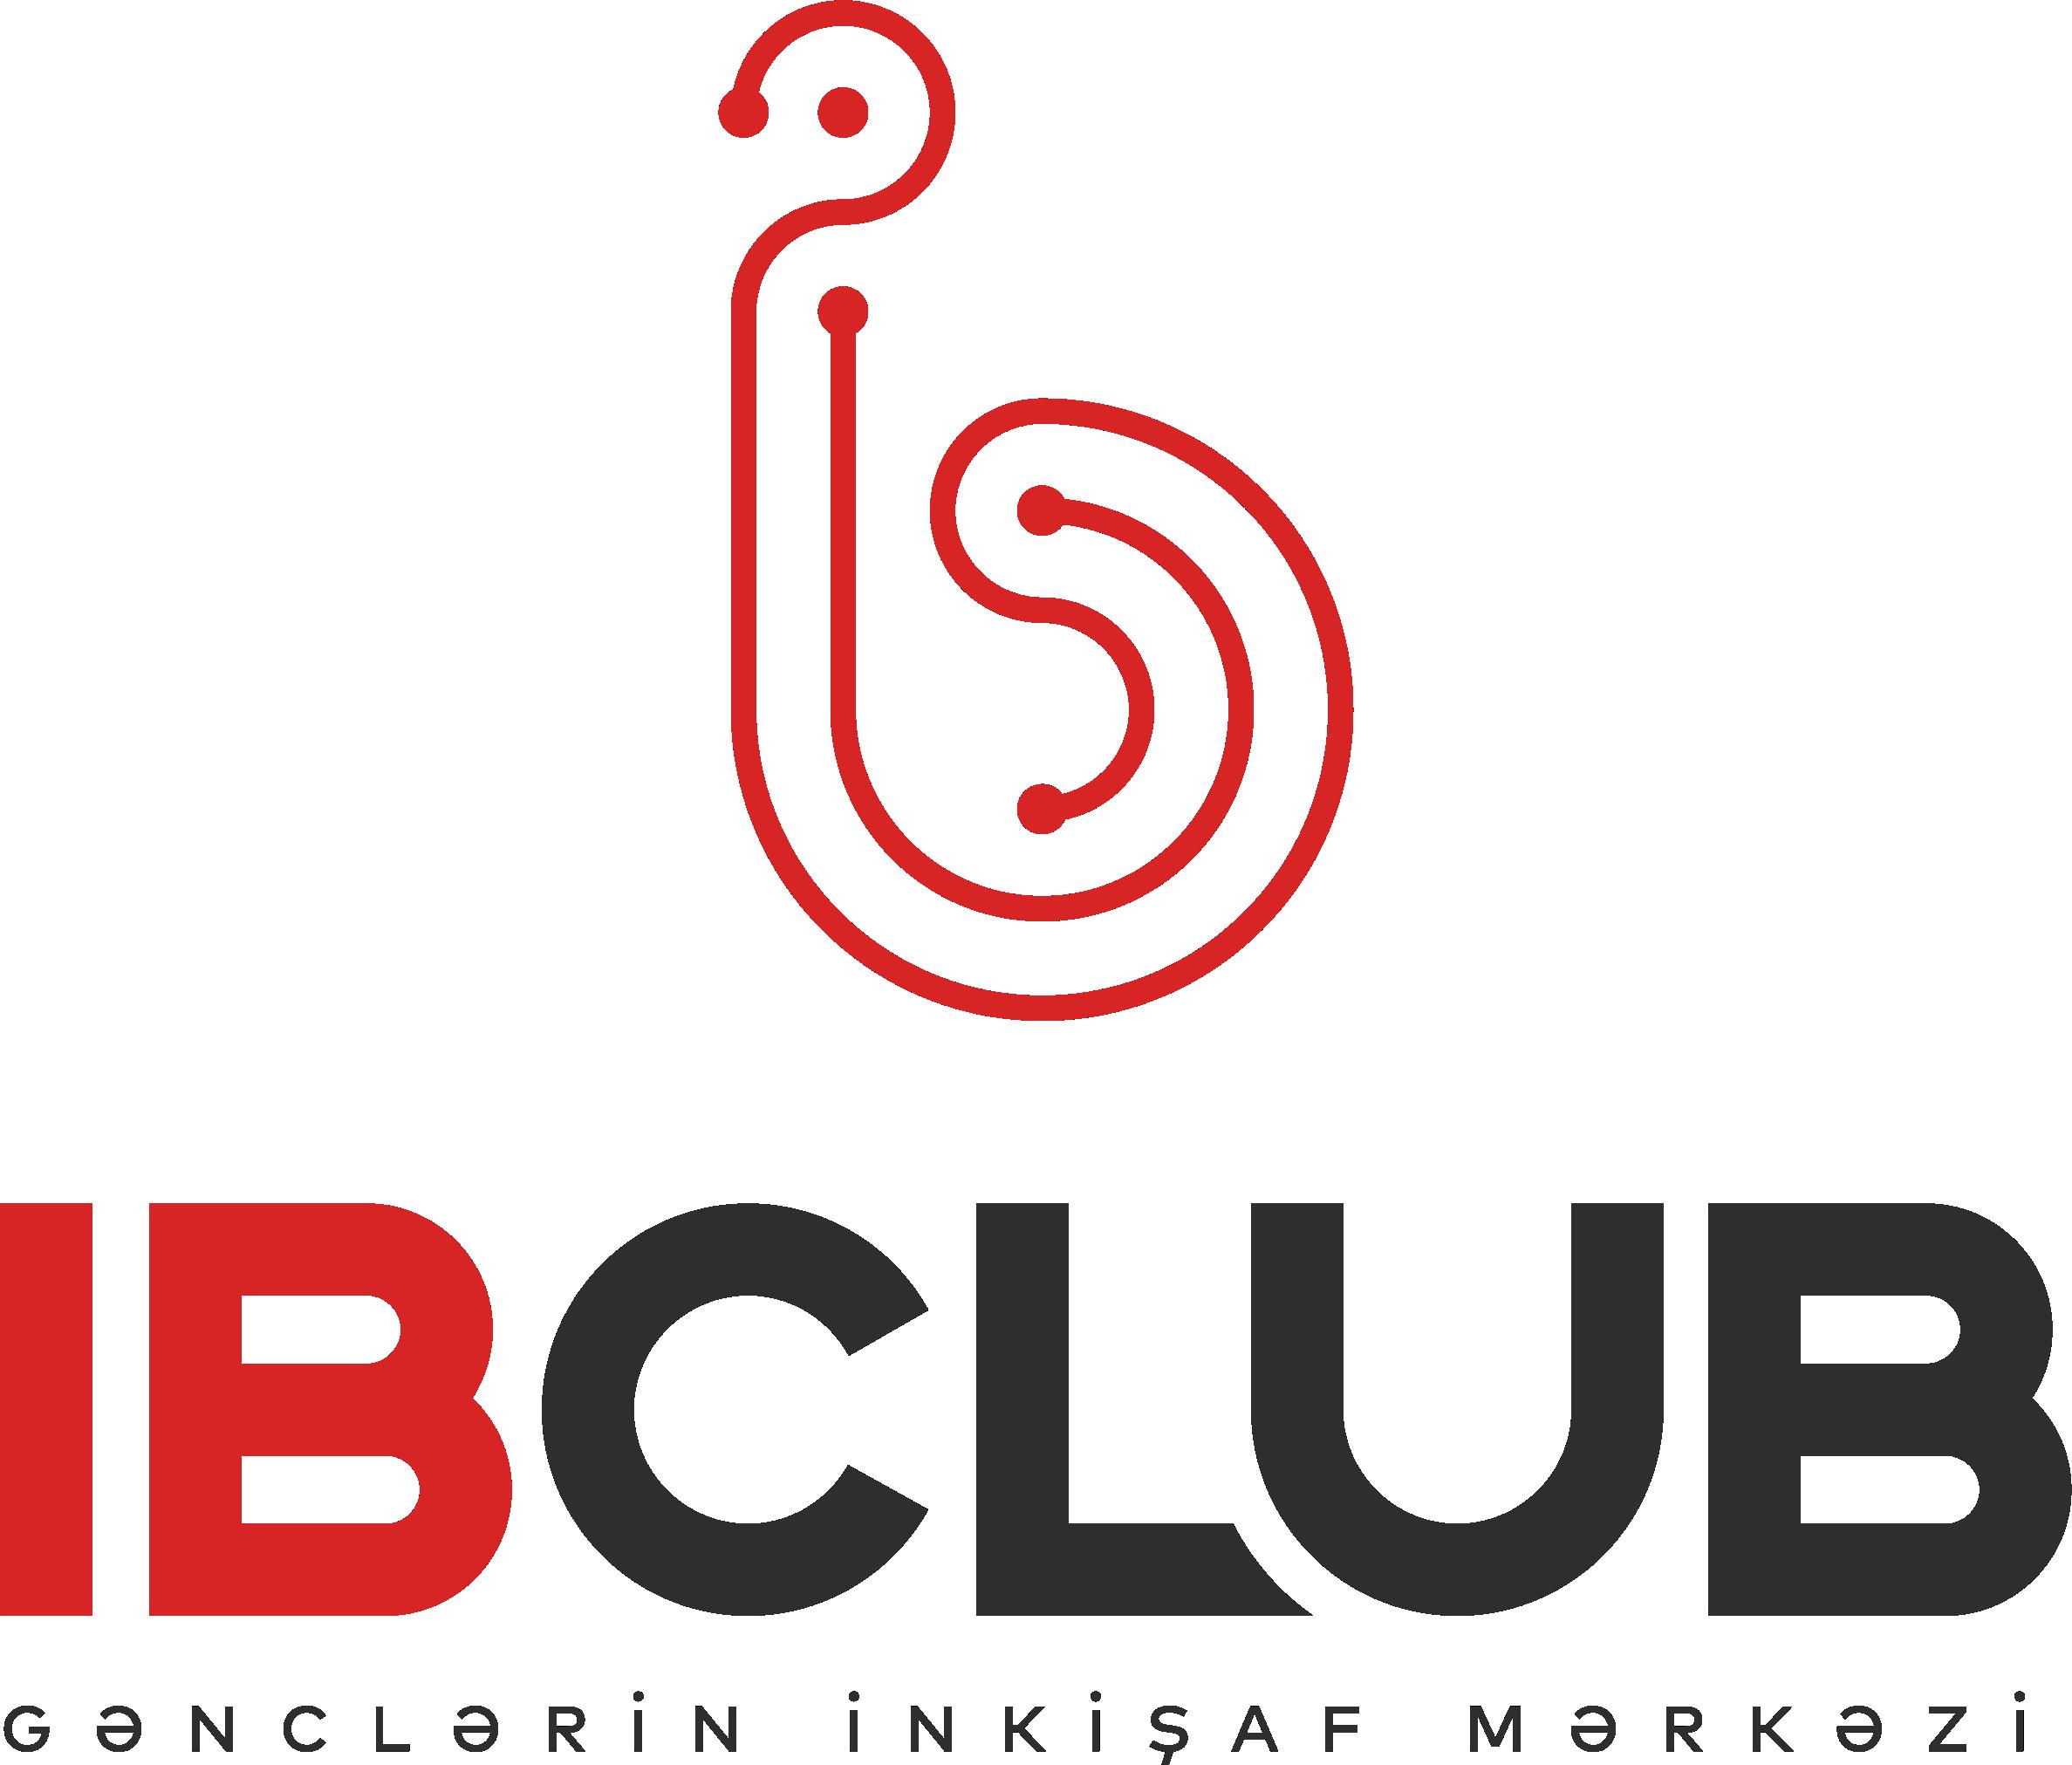 Ib club скальпинговая стратегия форекс fx prime